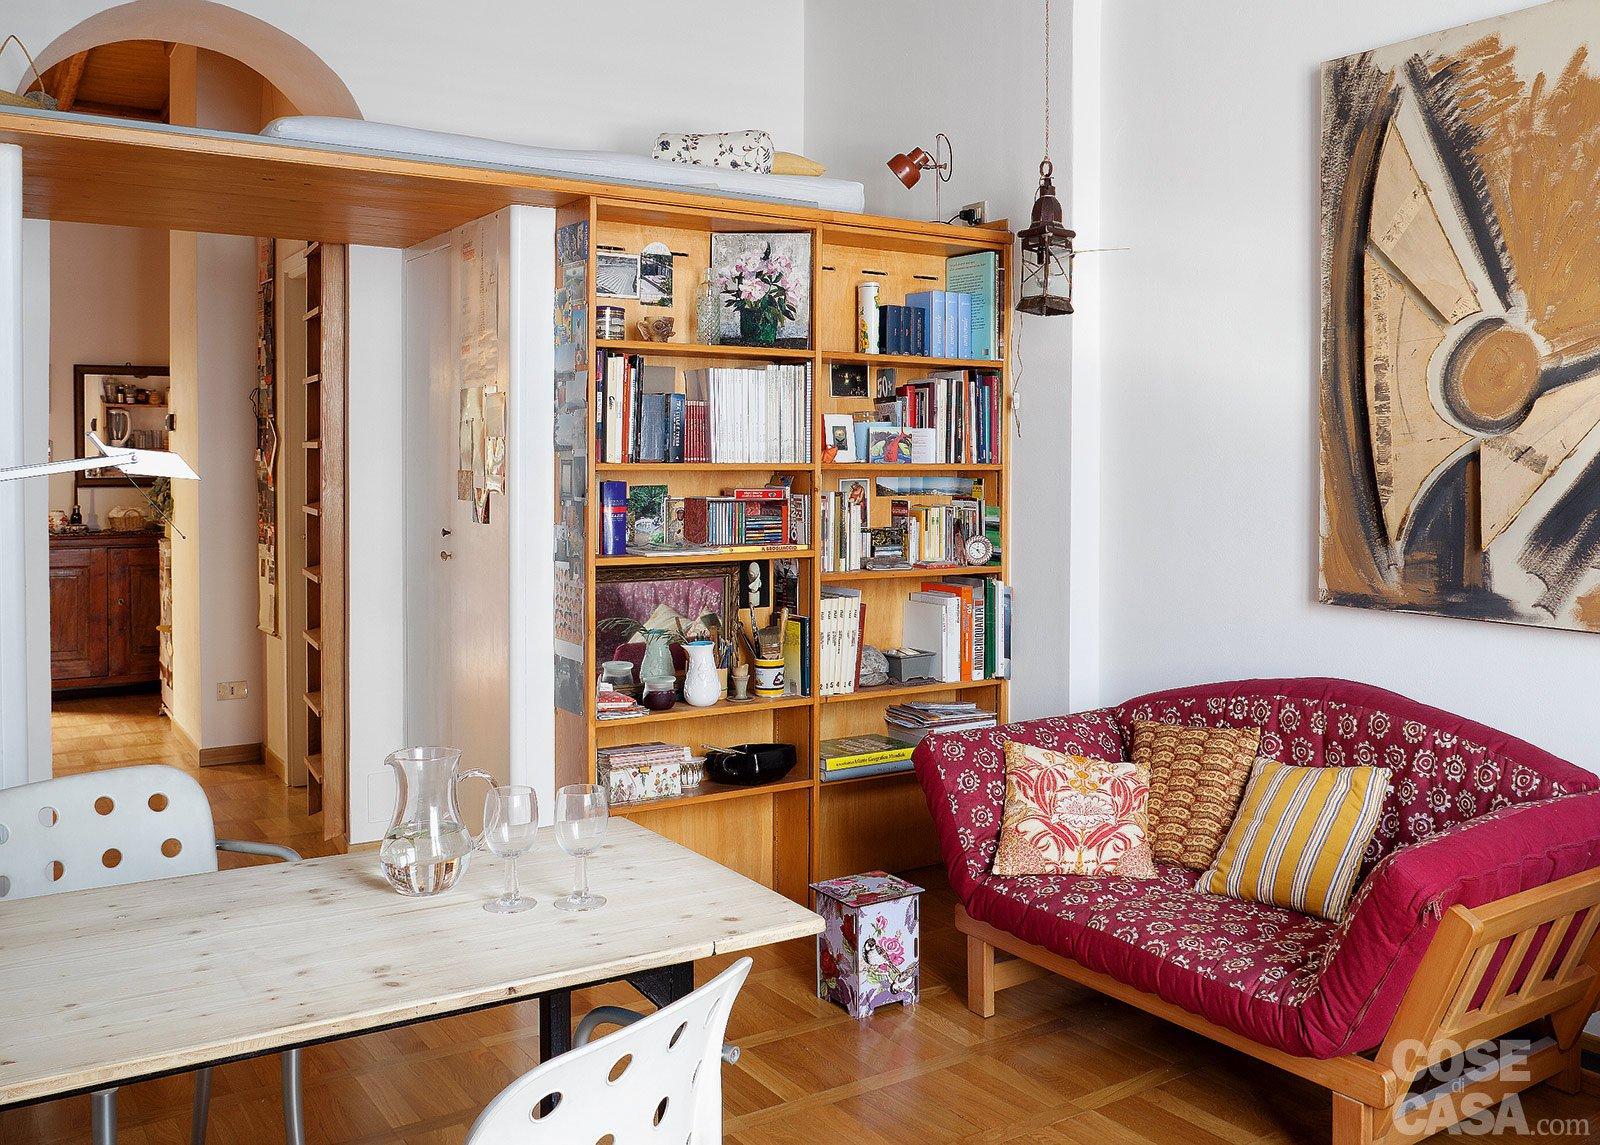 Bilocale Di 40 Mq Una Casa Fai Da Te Cose Di Casa #A52640 1600 1145 Arredare Cucina Soggiorno Di 40 Mq